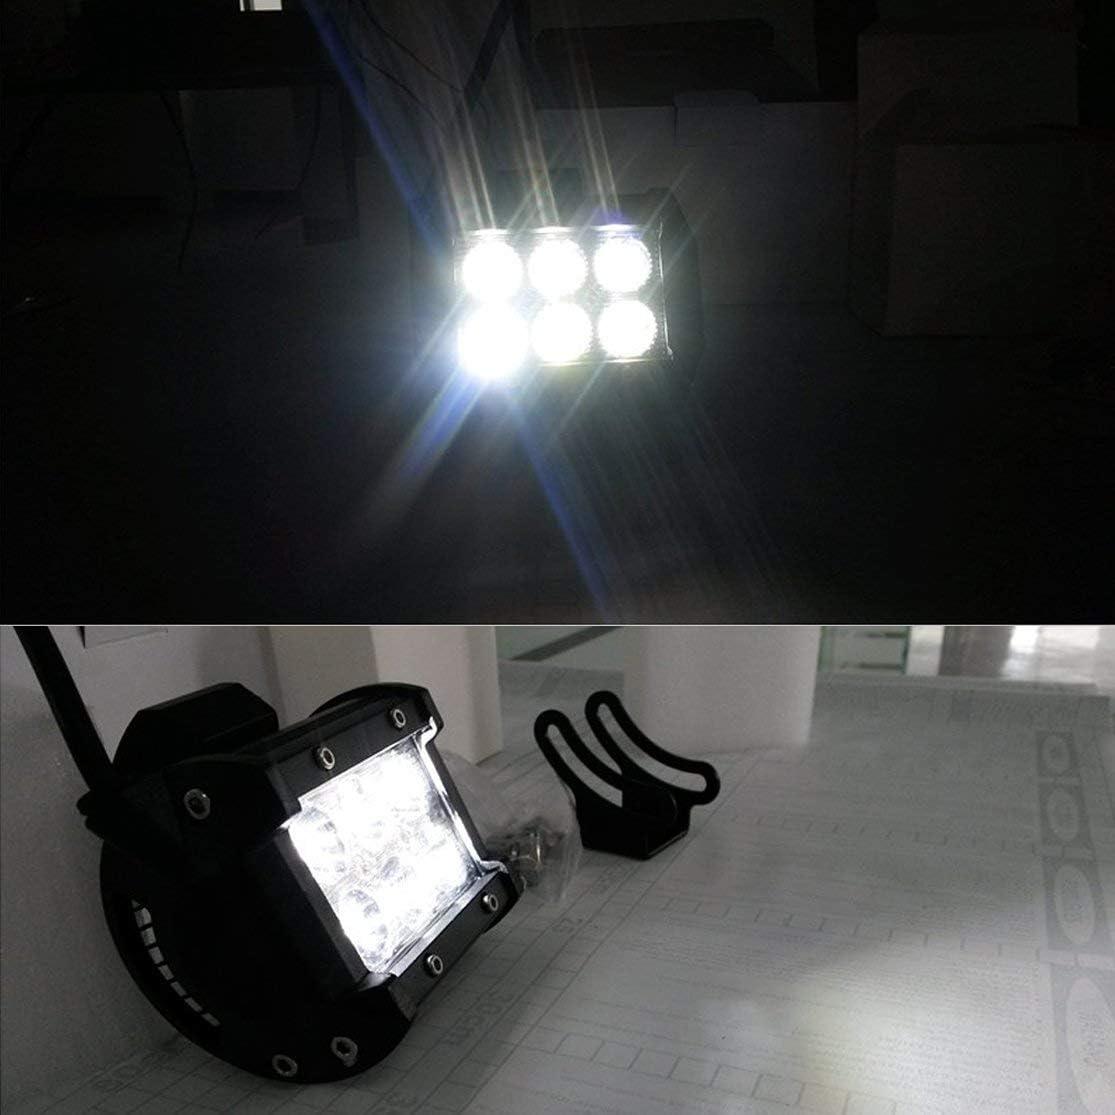 Candyboom 4 Pulgadas 18W LED de Trabajo luz de inundaci/ón Punto de luz Campo a trav/és de conducci/ón LED Barra de luz 12V 24V 4x4 cami/ón Motocicleta Barco Tractor Tractor Barra